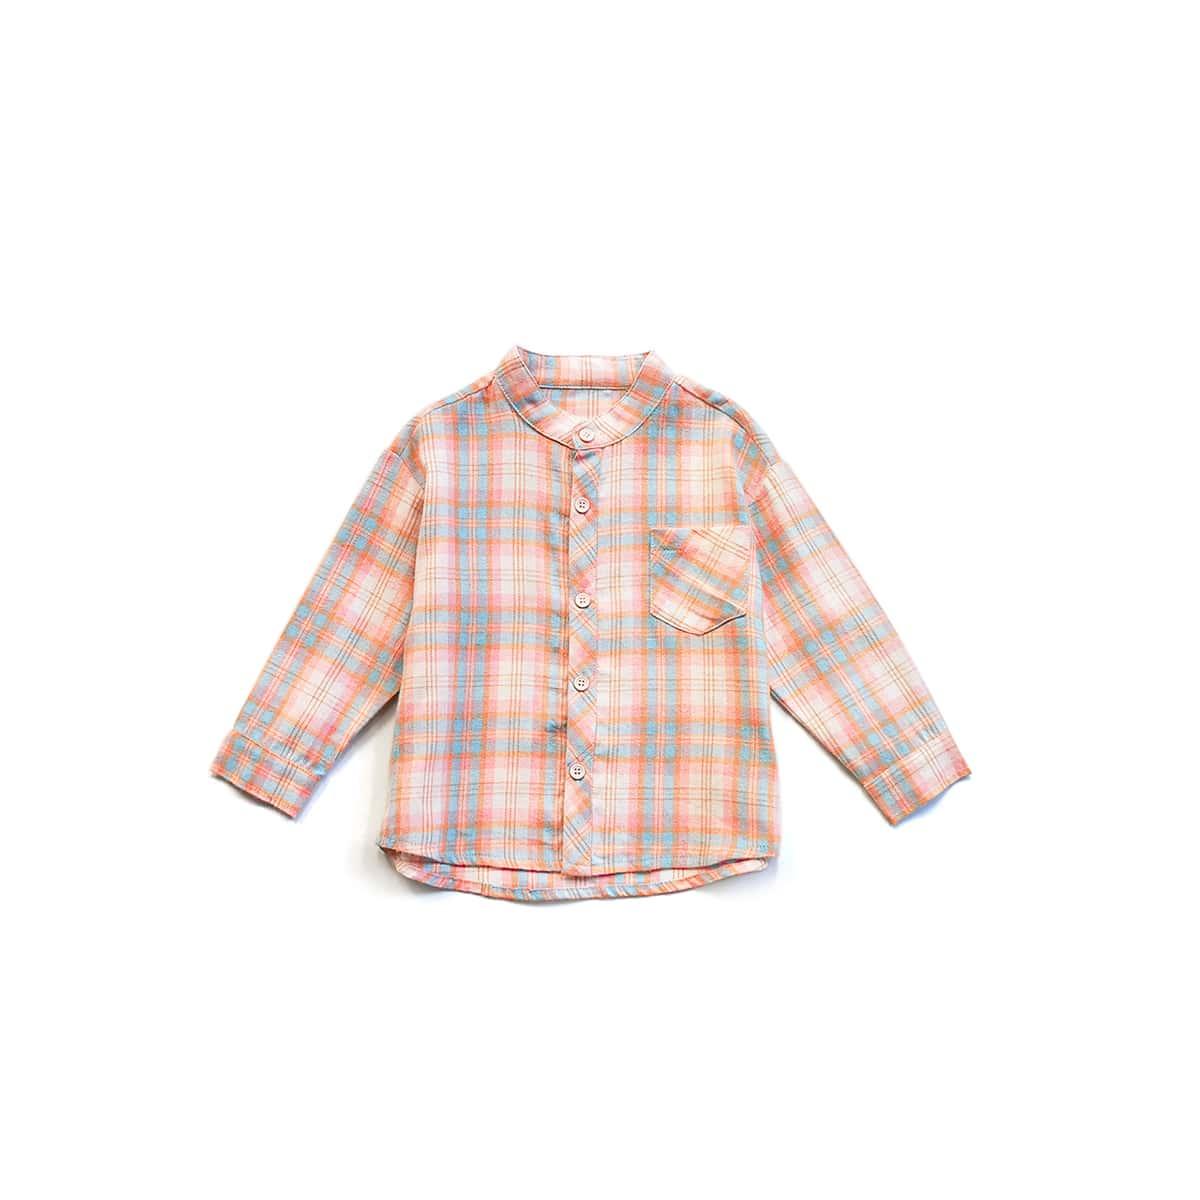 на пуговицах с карманами Пуговица в клетку Повседневный Рубашки для мальчиков